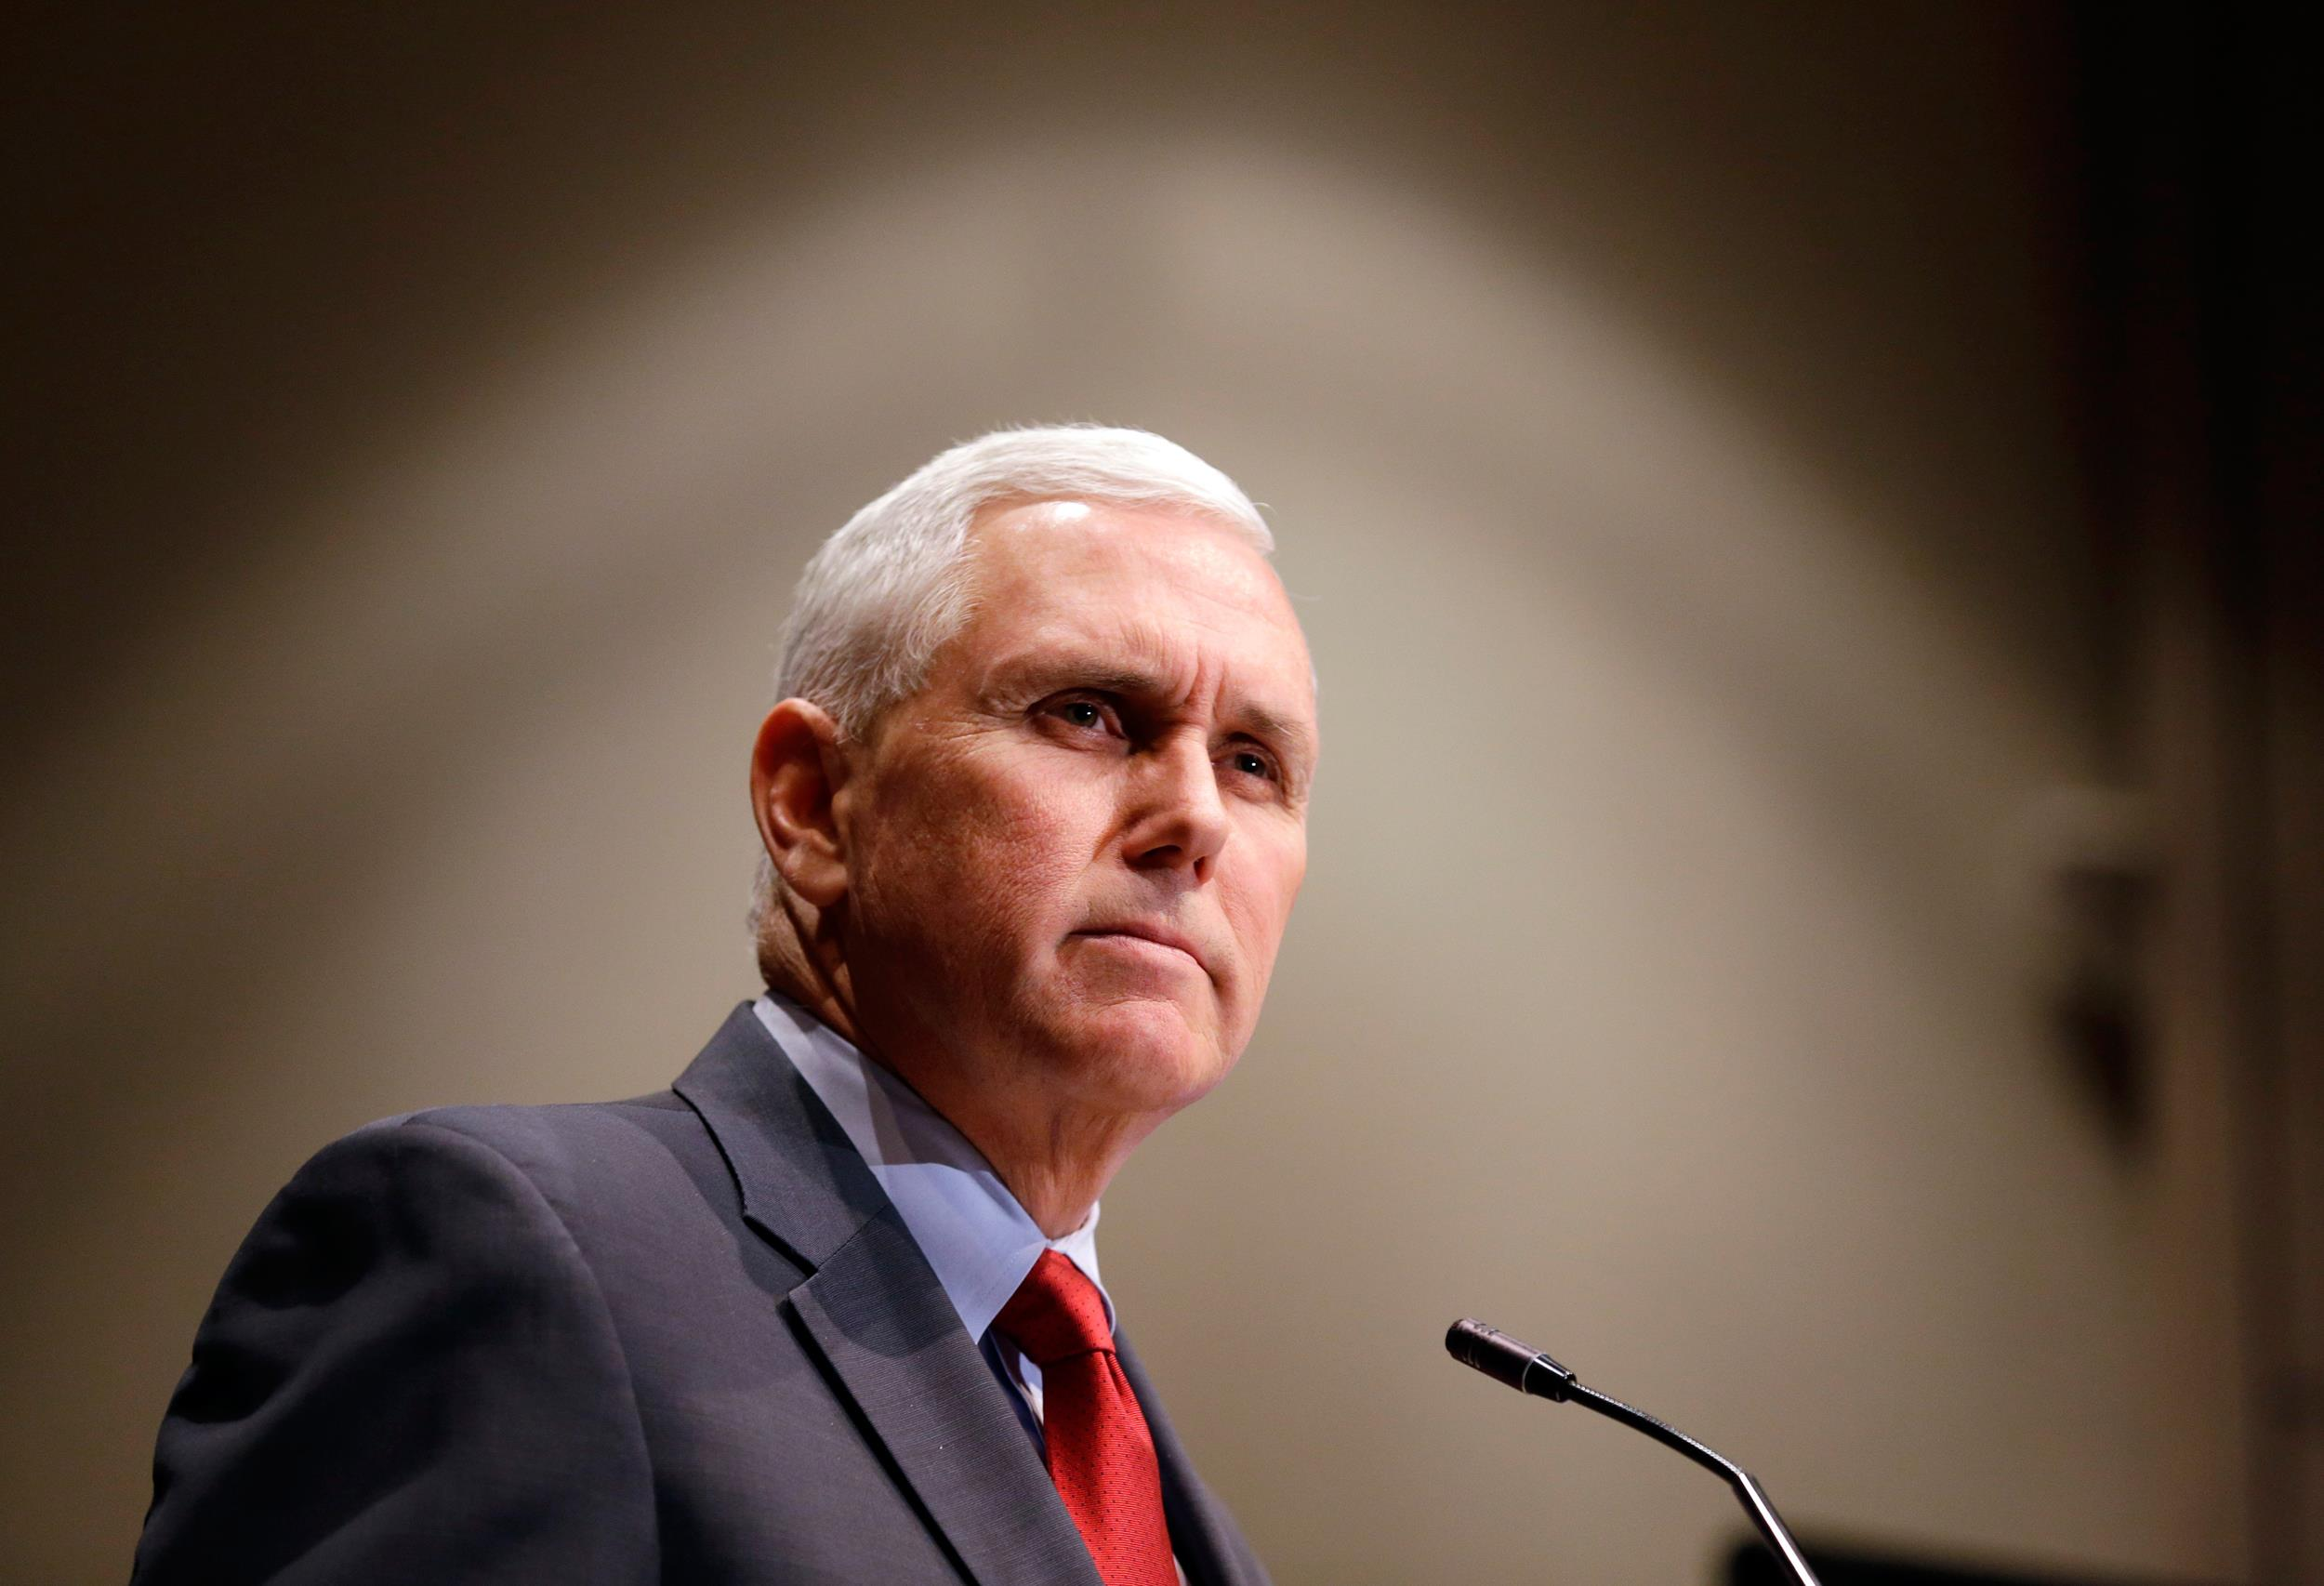 Вице-президент США разъяснил позицию Белого дома по антироссийским санкциям